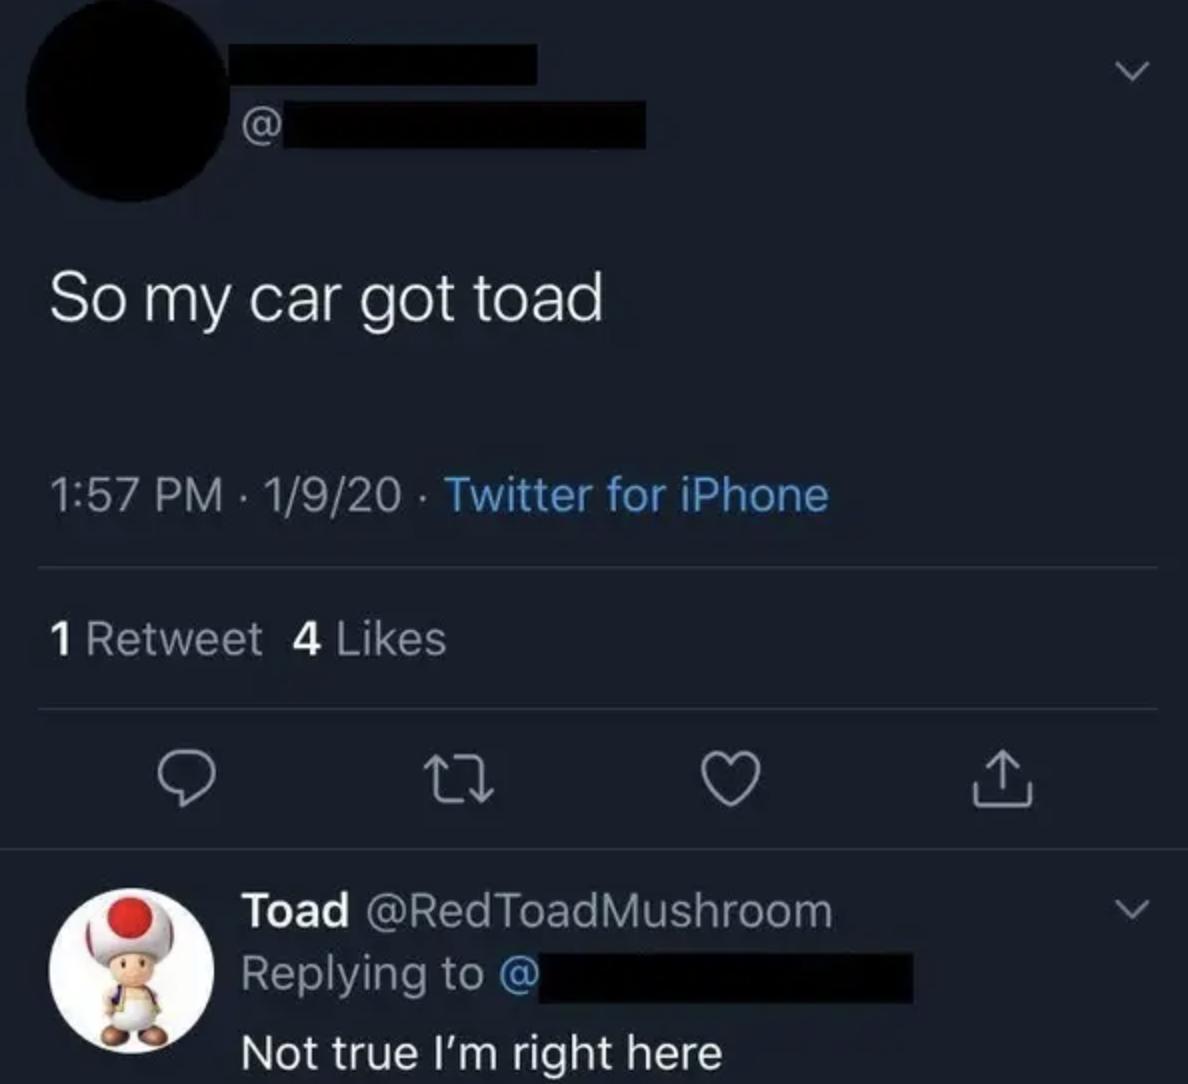 tweet mispelling towed as toad like the animal